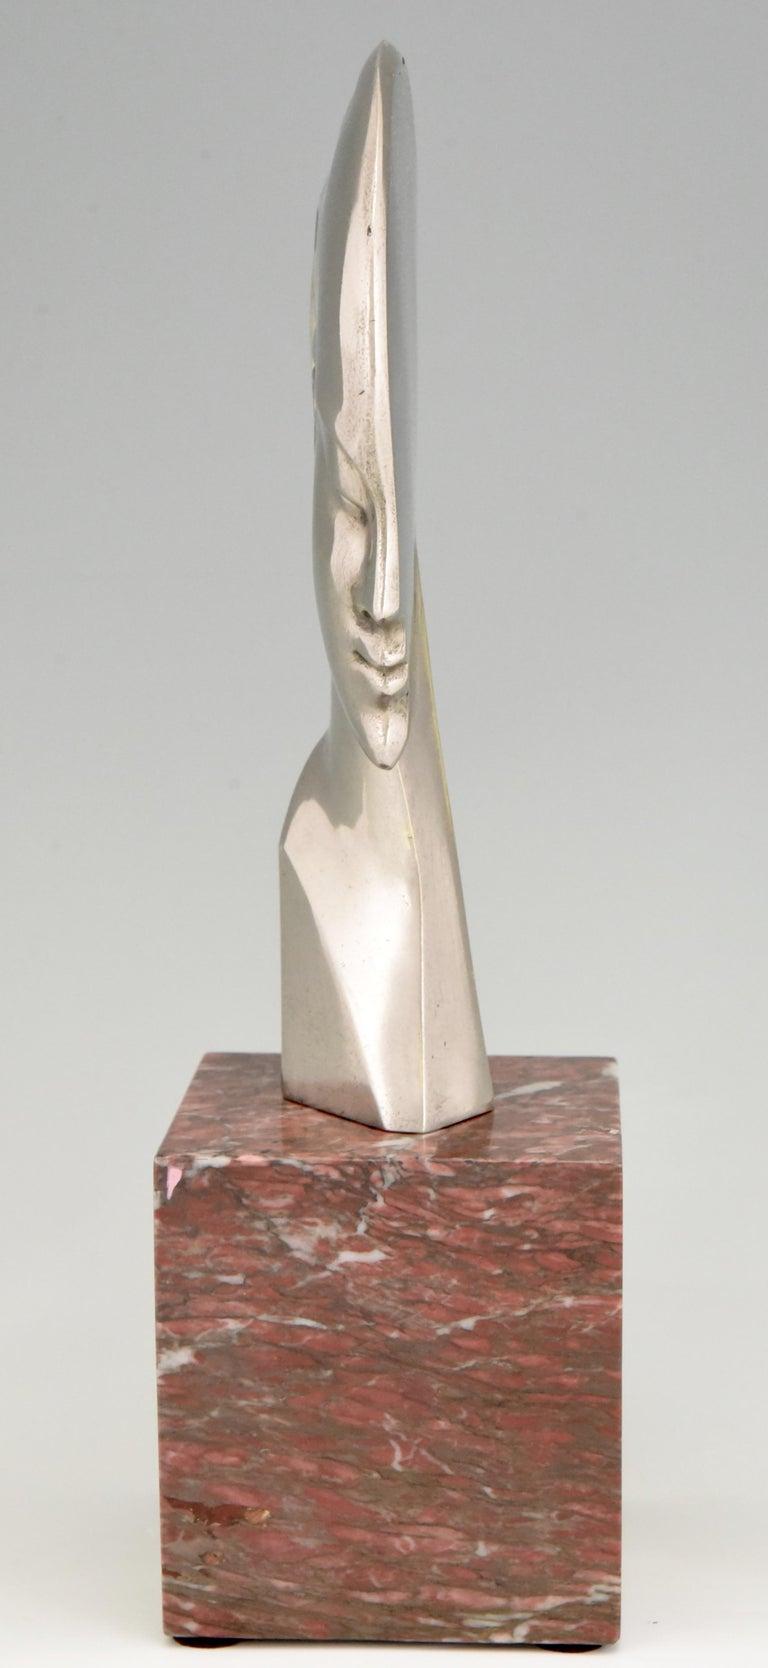 Silvered Art Deco bronze sculpture bust woman profile att. to Guido Cacciapuoti 1930